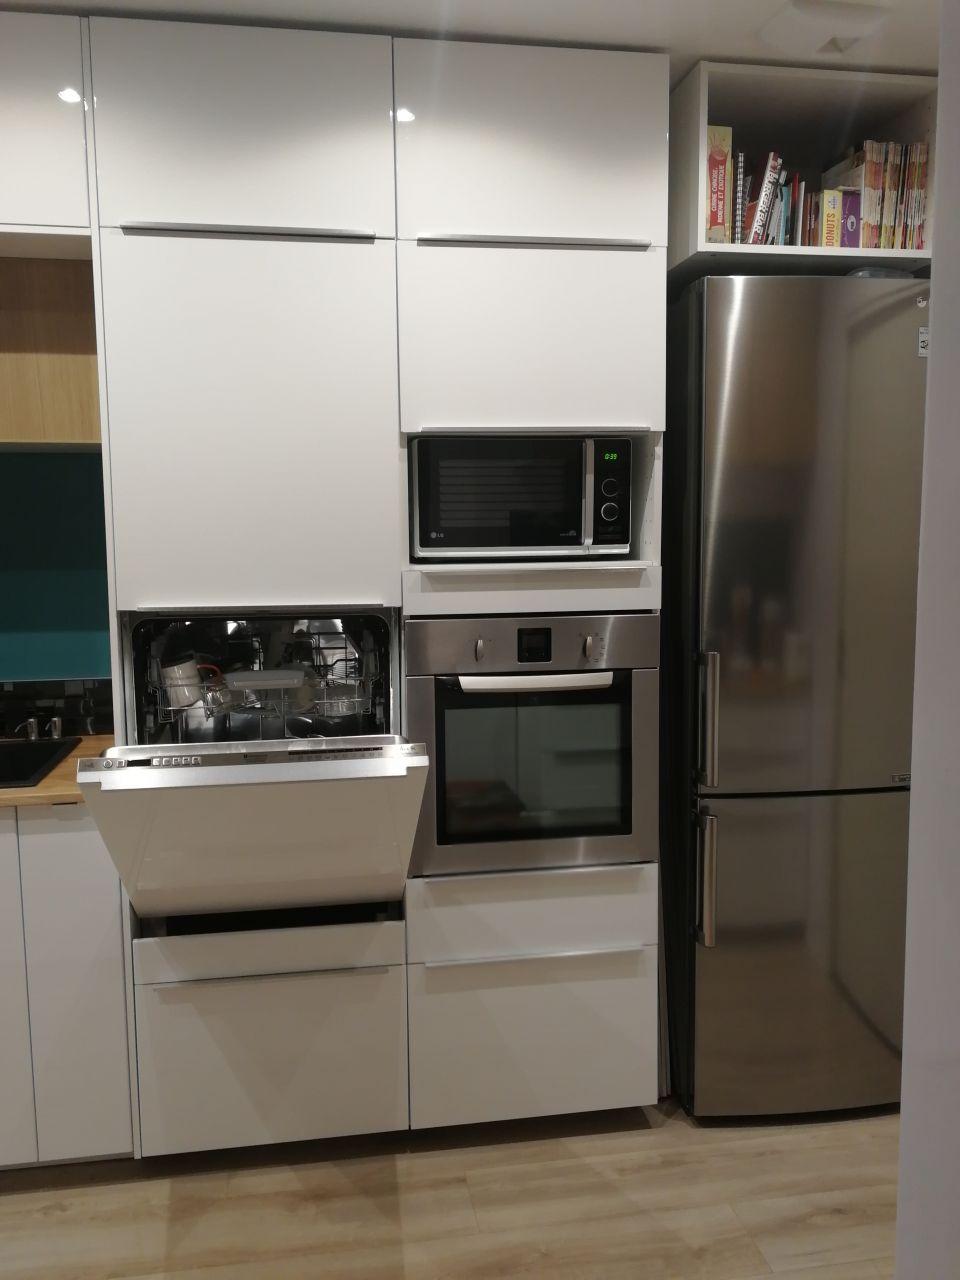 Lave vaisselle totalement intégrable dans cuisine Ikea Metod - 14